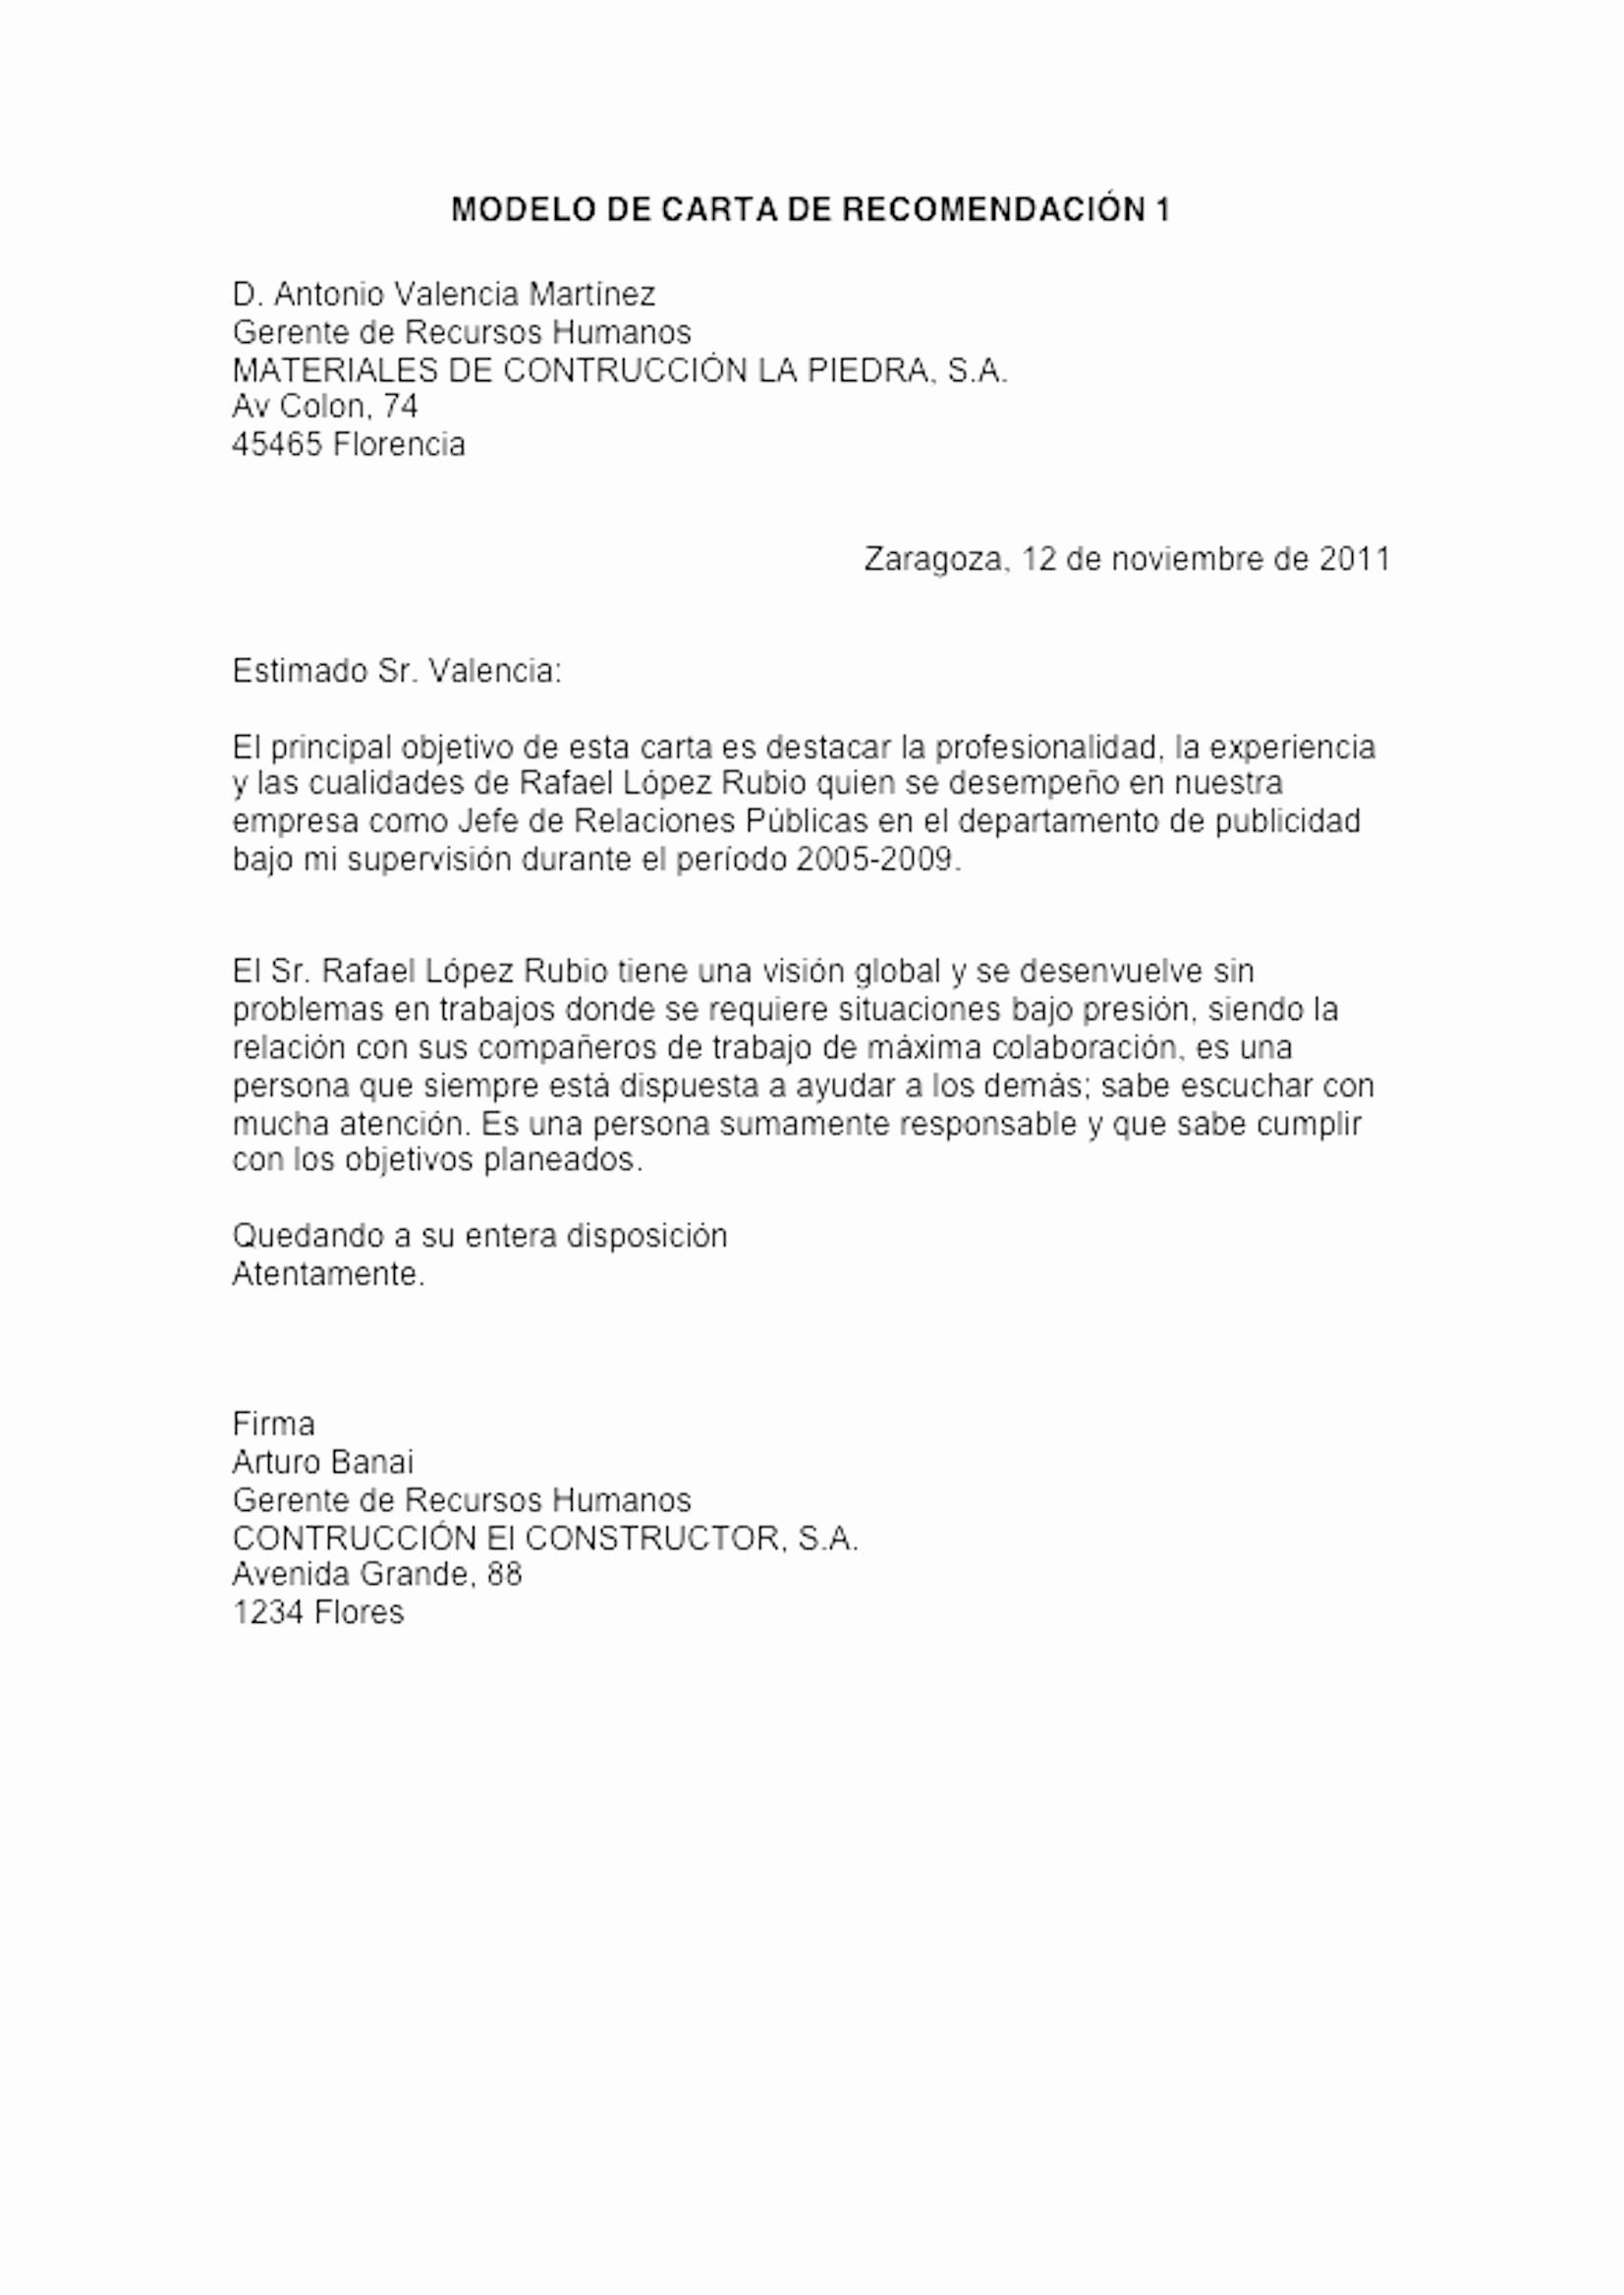 Cartas De Recomendacion Personal Ejemplos Lovely Ejemplo Editable De Carta De Re Endación 01 Currculum